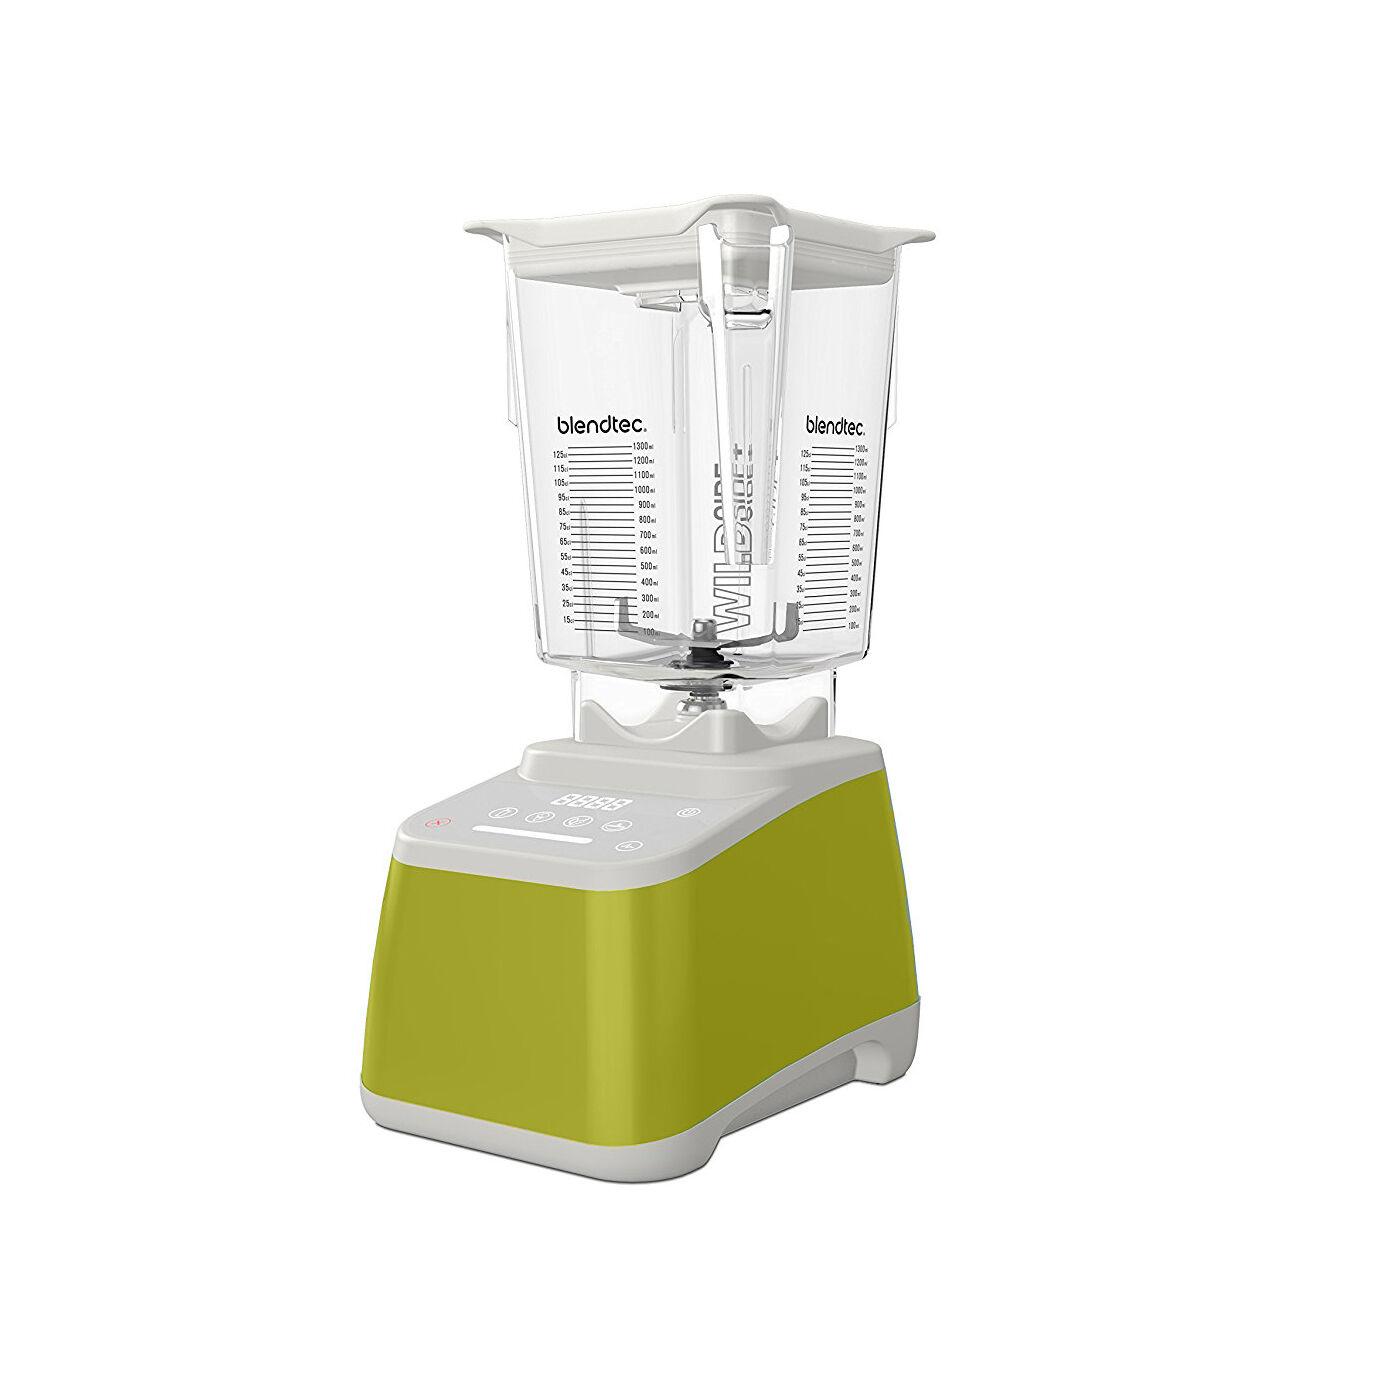 DESIGNER Blendtec 625 Blender Chartreuse 11 Speed 849369002627 | eBay